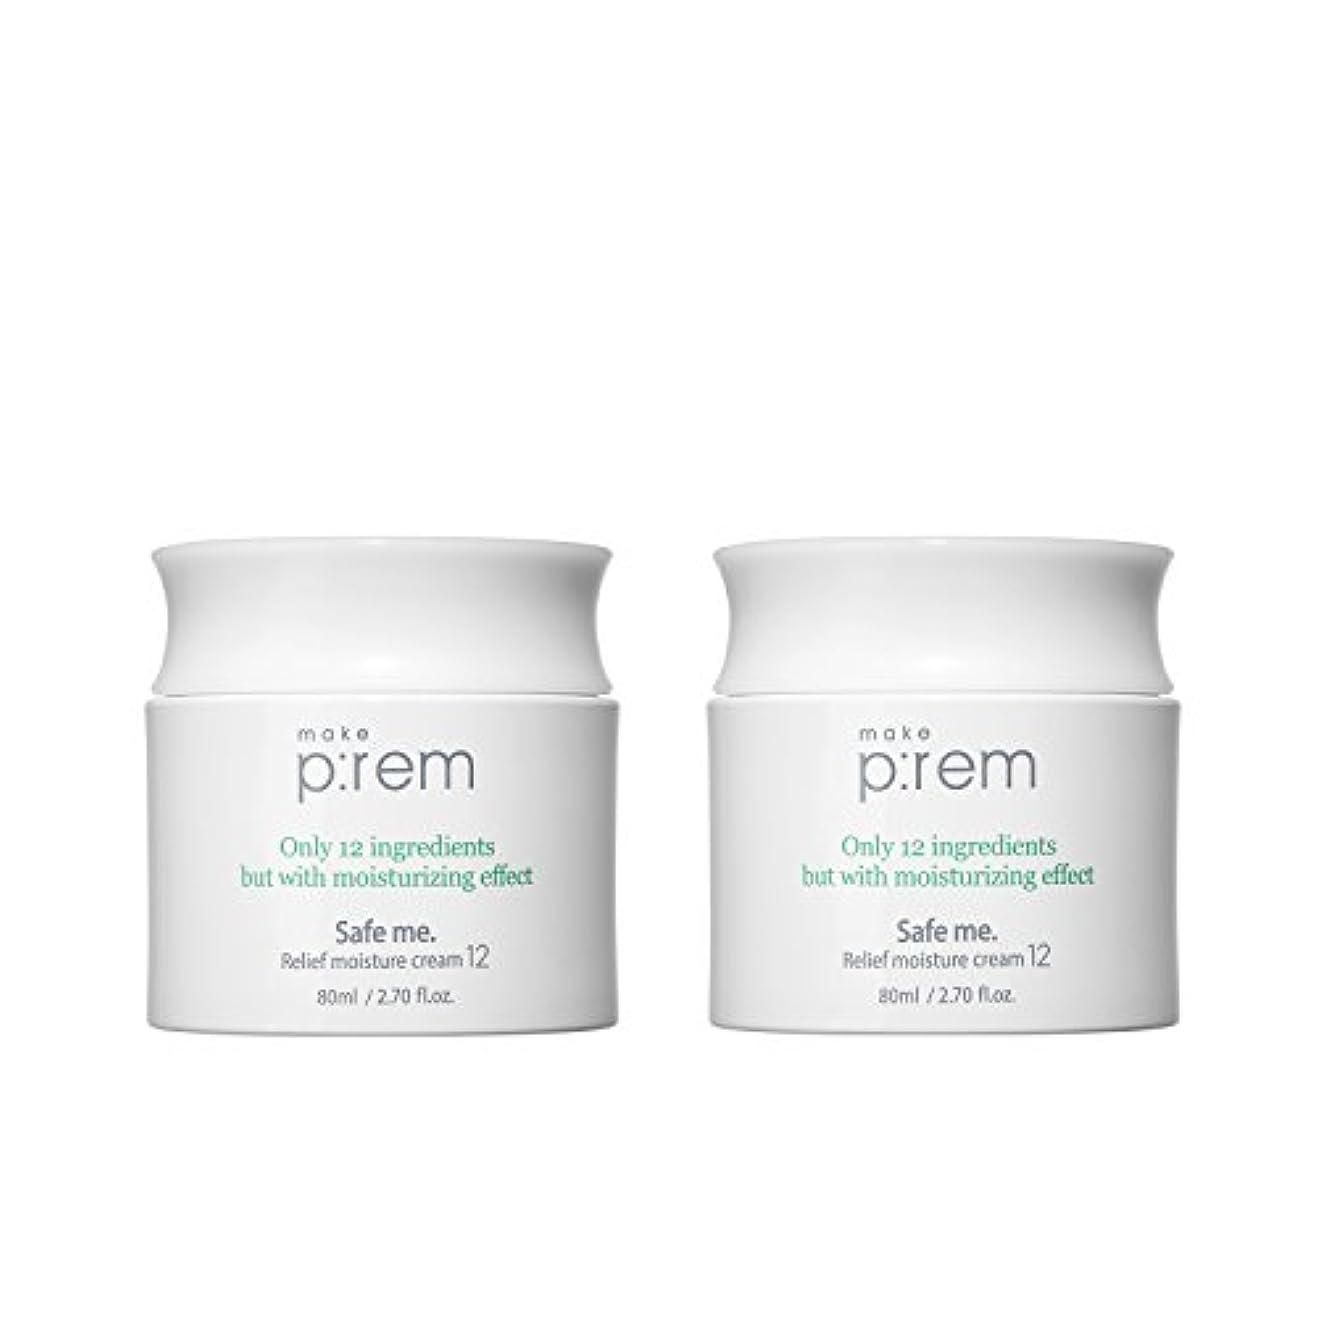 正しく楽な異議(2個セット) x [MAKE P:REM] メイクプレム セーフミ?リリーフモイスチャークリーム12 80ml / Safe me. Relief moisture Cream 12 80ml / / 韓国製 . 海外直送品